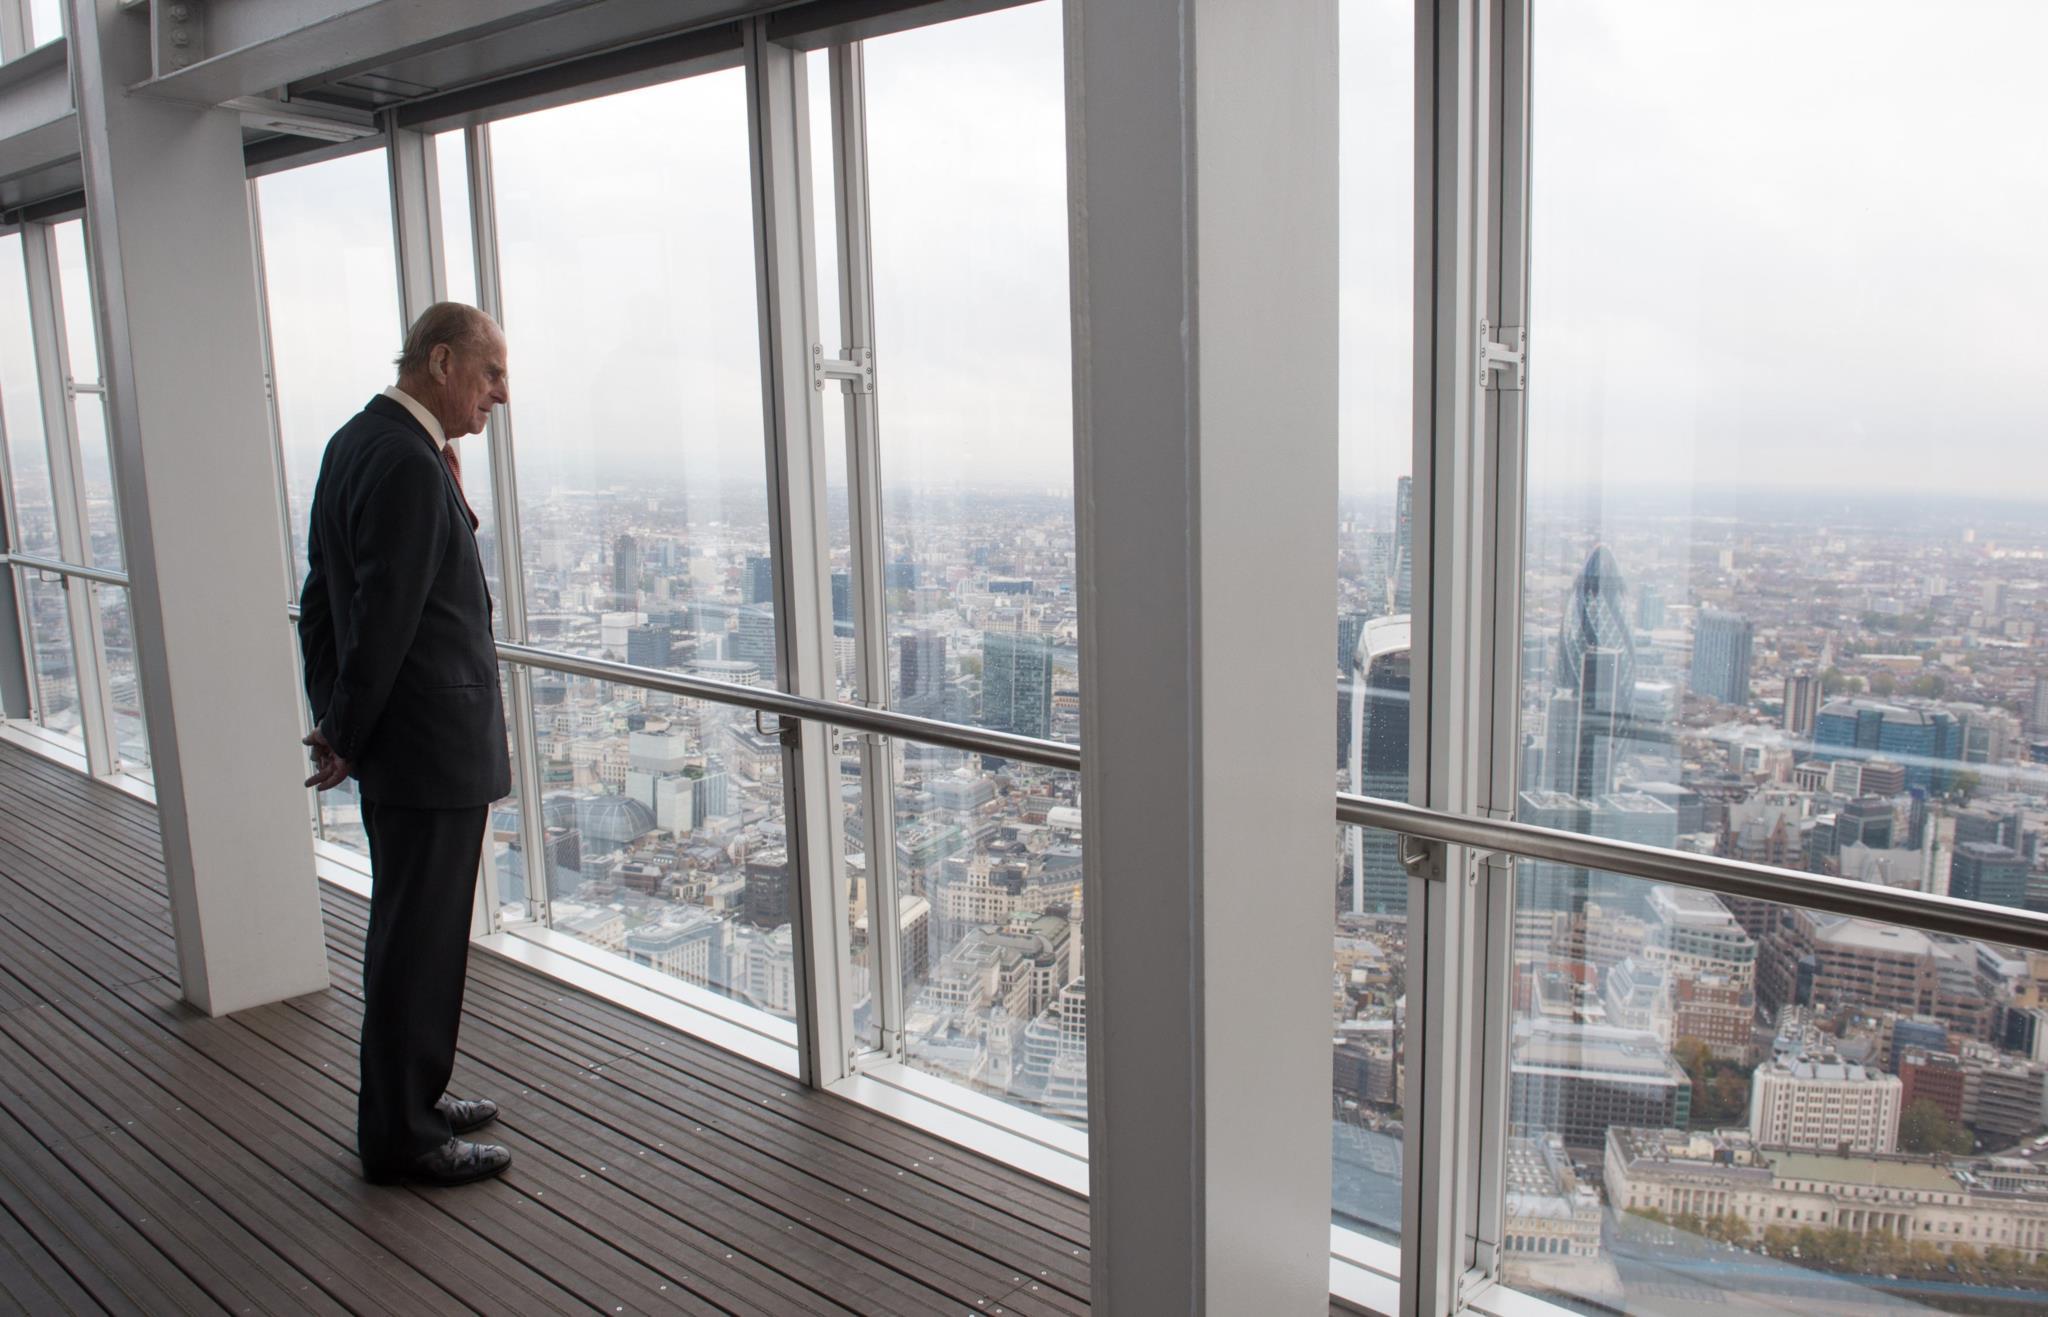 Numa visita ao edifício The Shard, em Londres, em 2013